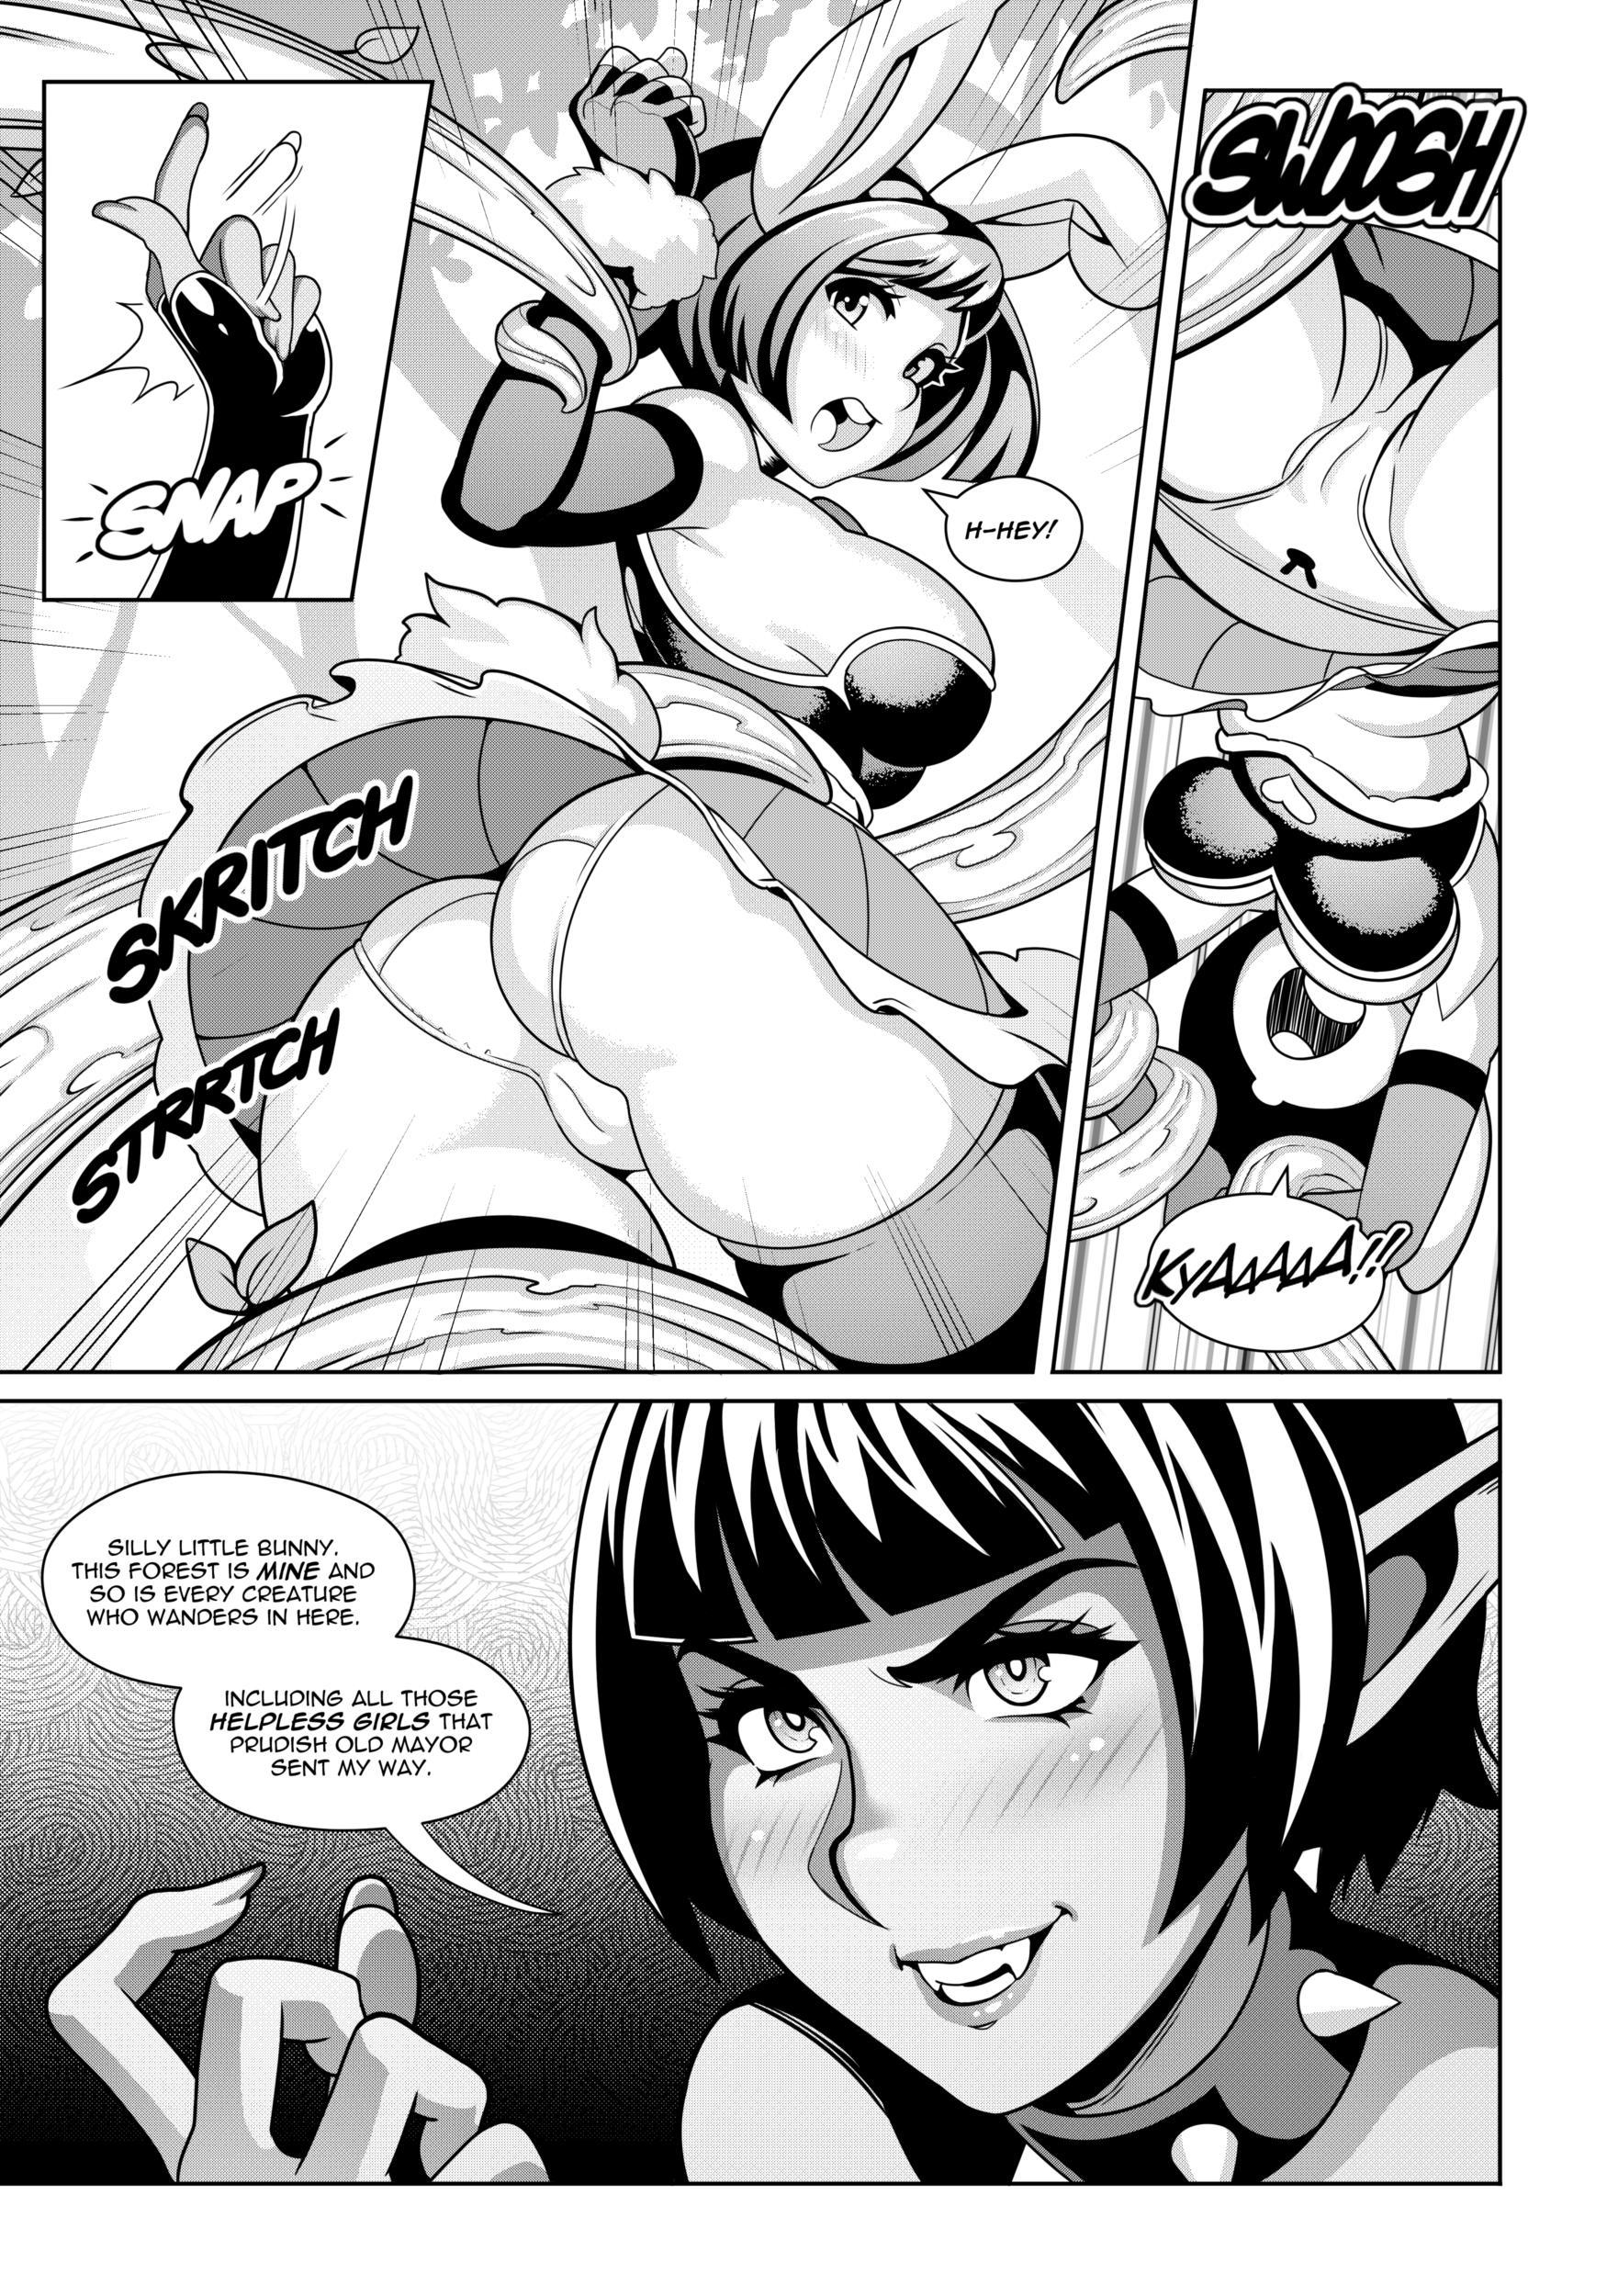 Bunny and Carrot porn comics Stockings, Futanari